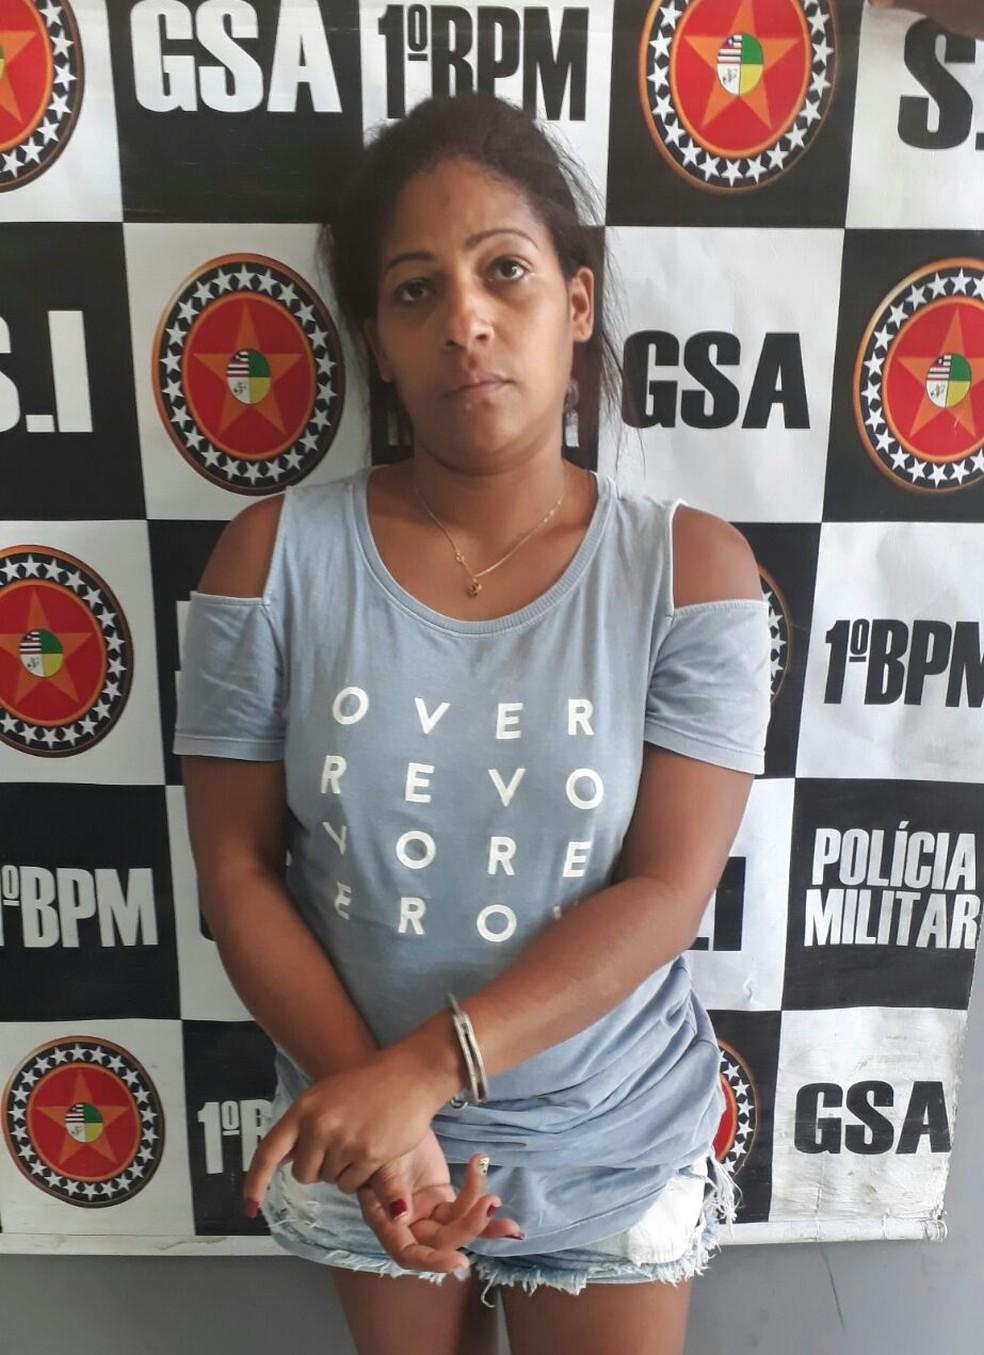 Marta Cristina foi presa em casa portando mais de 50 celulares roubados (Foto: Divulgação/Polícia Civil)